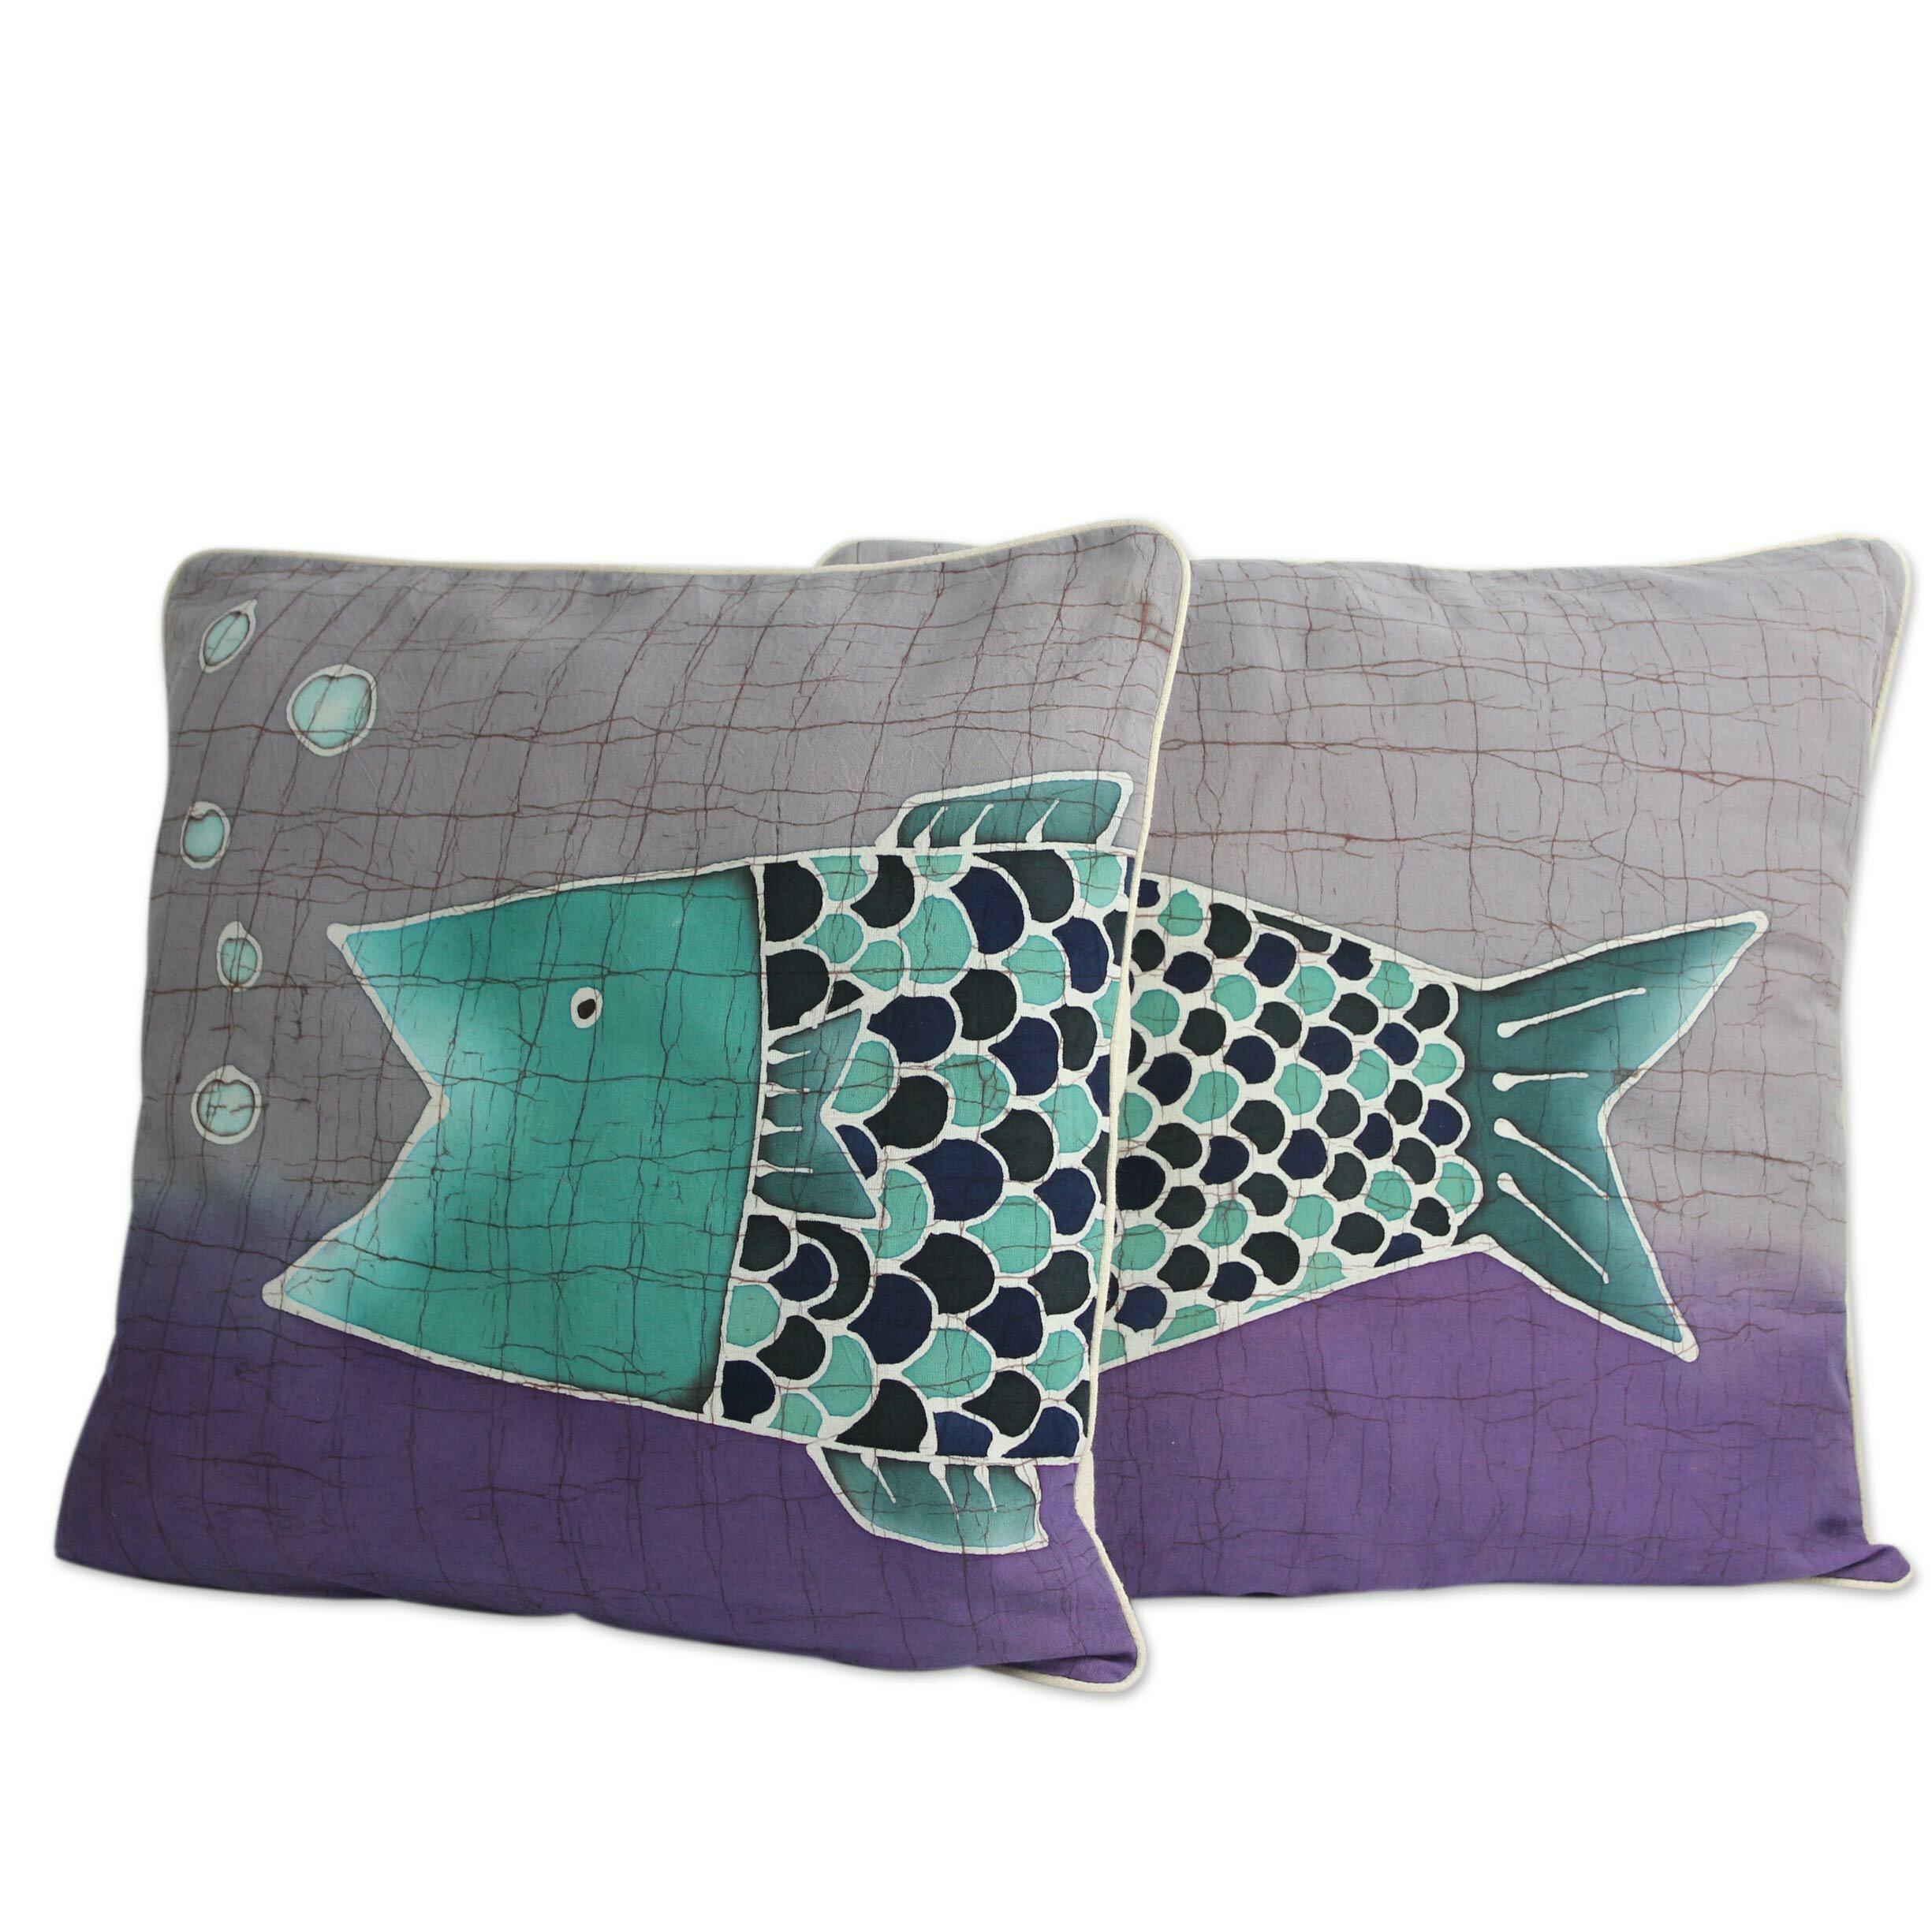 Throw Pillows Horchow : Novica Alaya Cholprasertsuk Handmade Batik Cotton Throw Pillow Cover Wayfair.ca